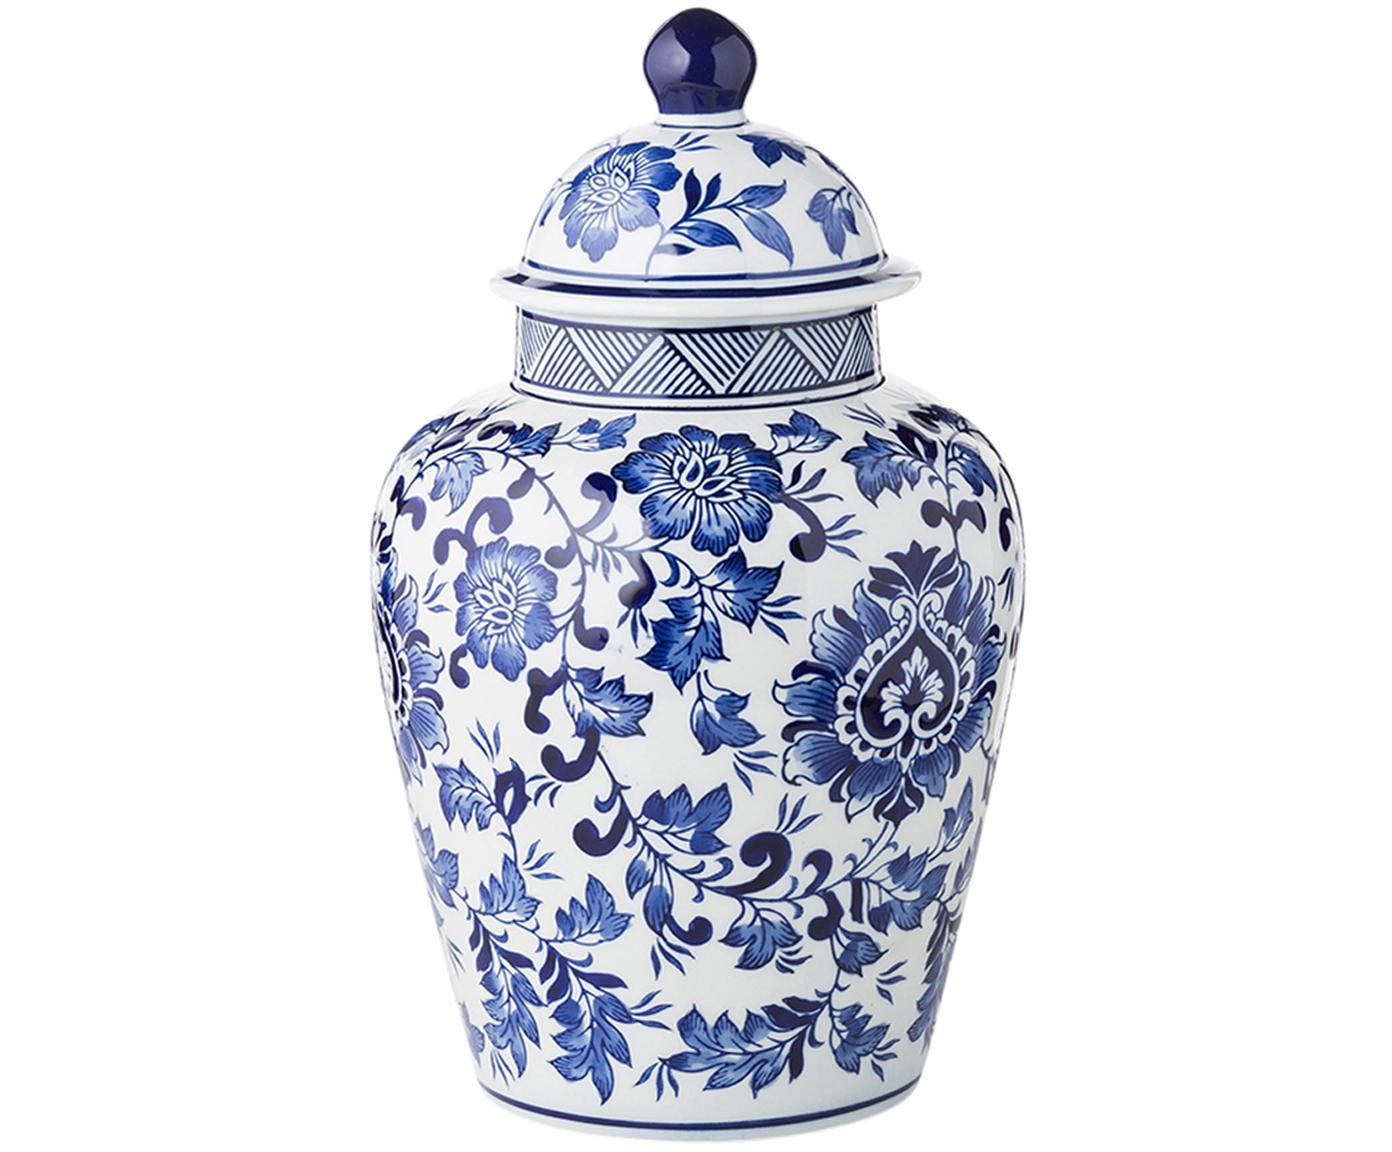 Grosse Deckelvase Annabelle aus Porzellan, Porzellan, Blau,Weiss, Ø 20 x H 35 cm